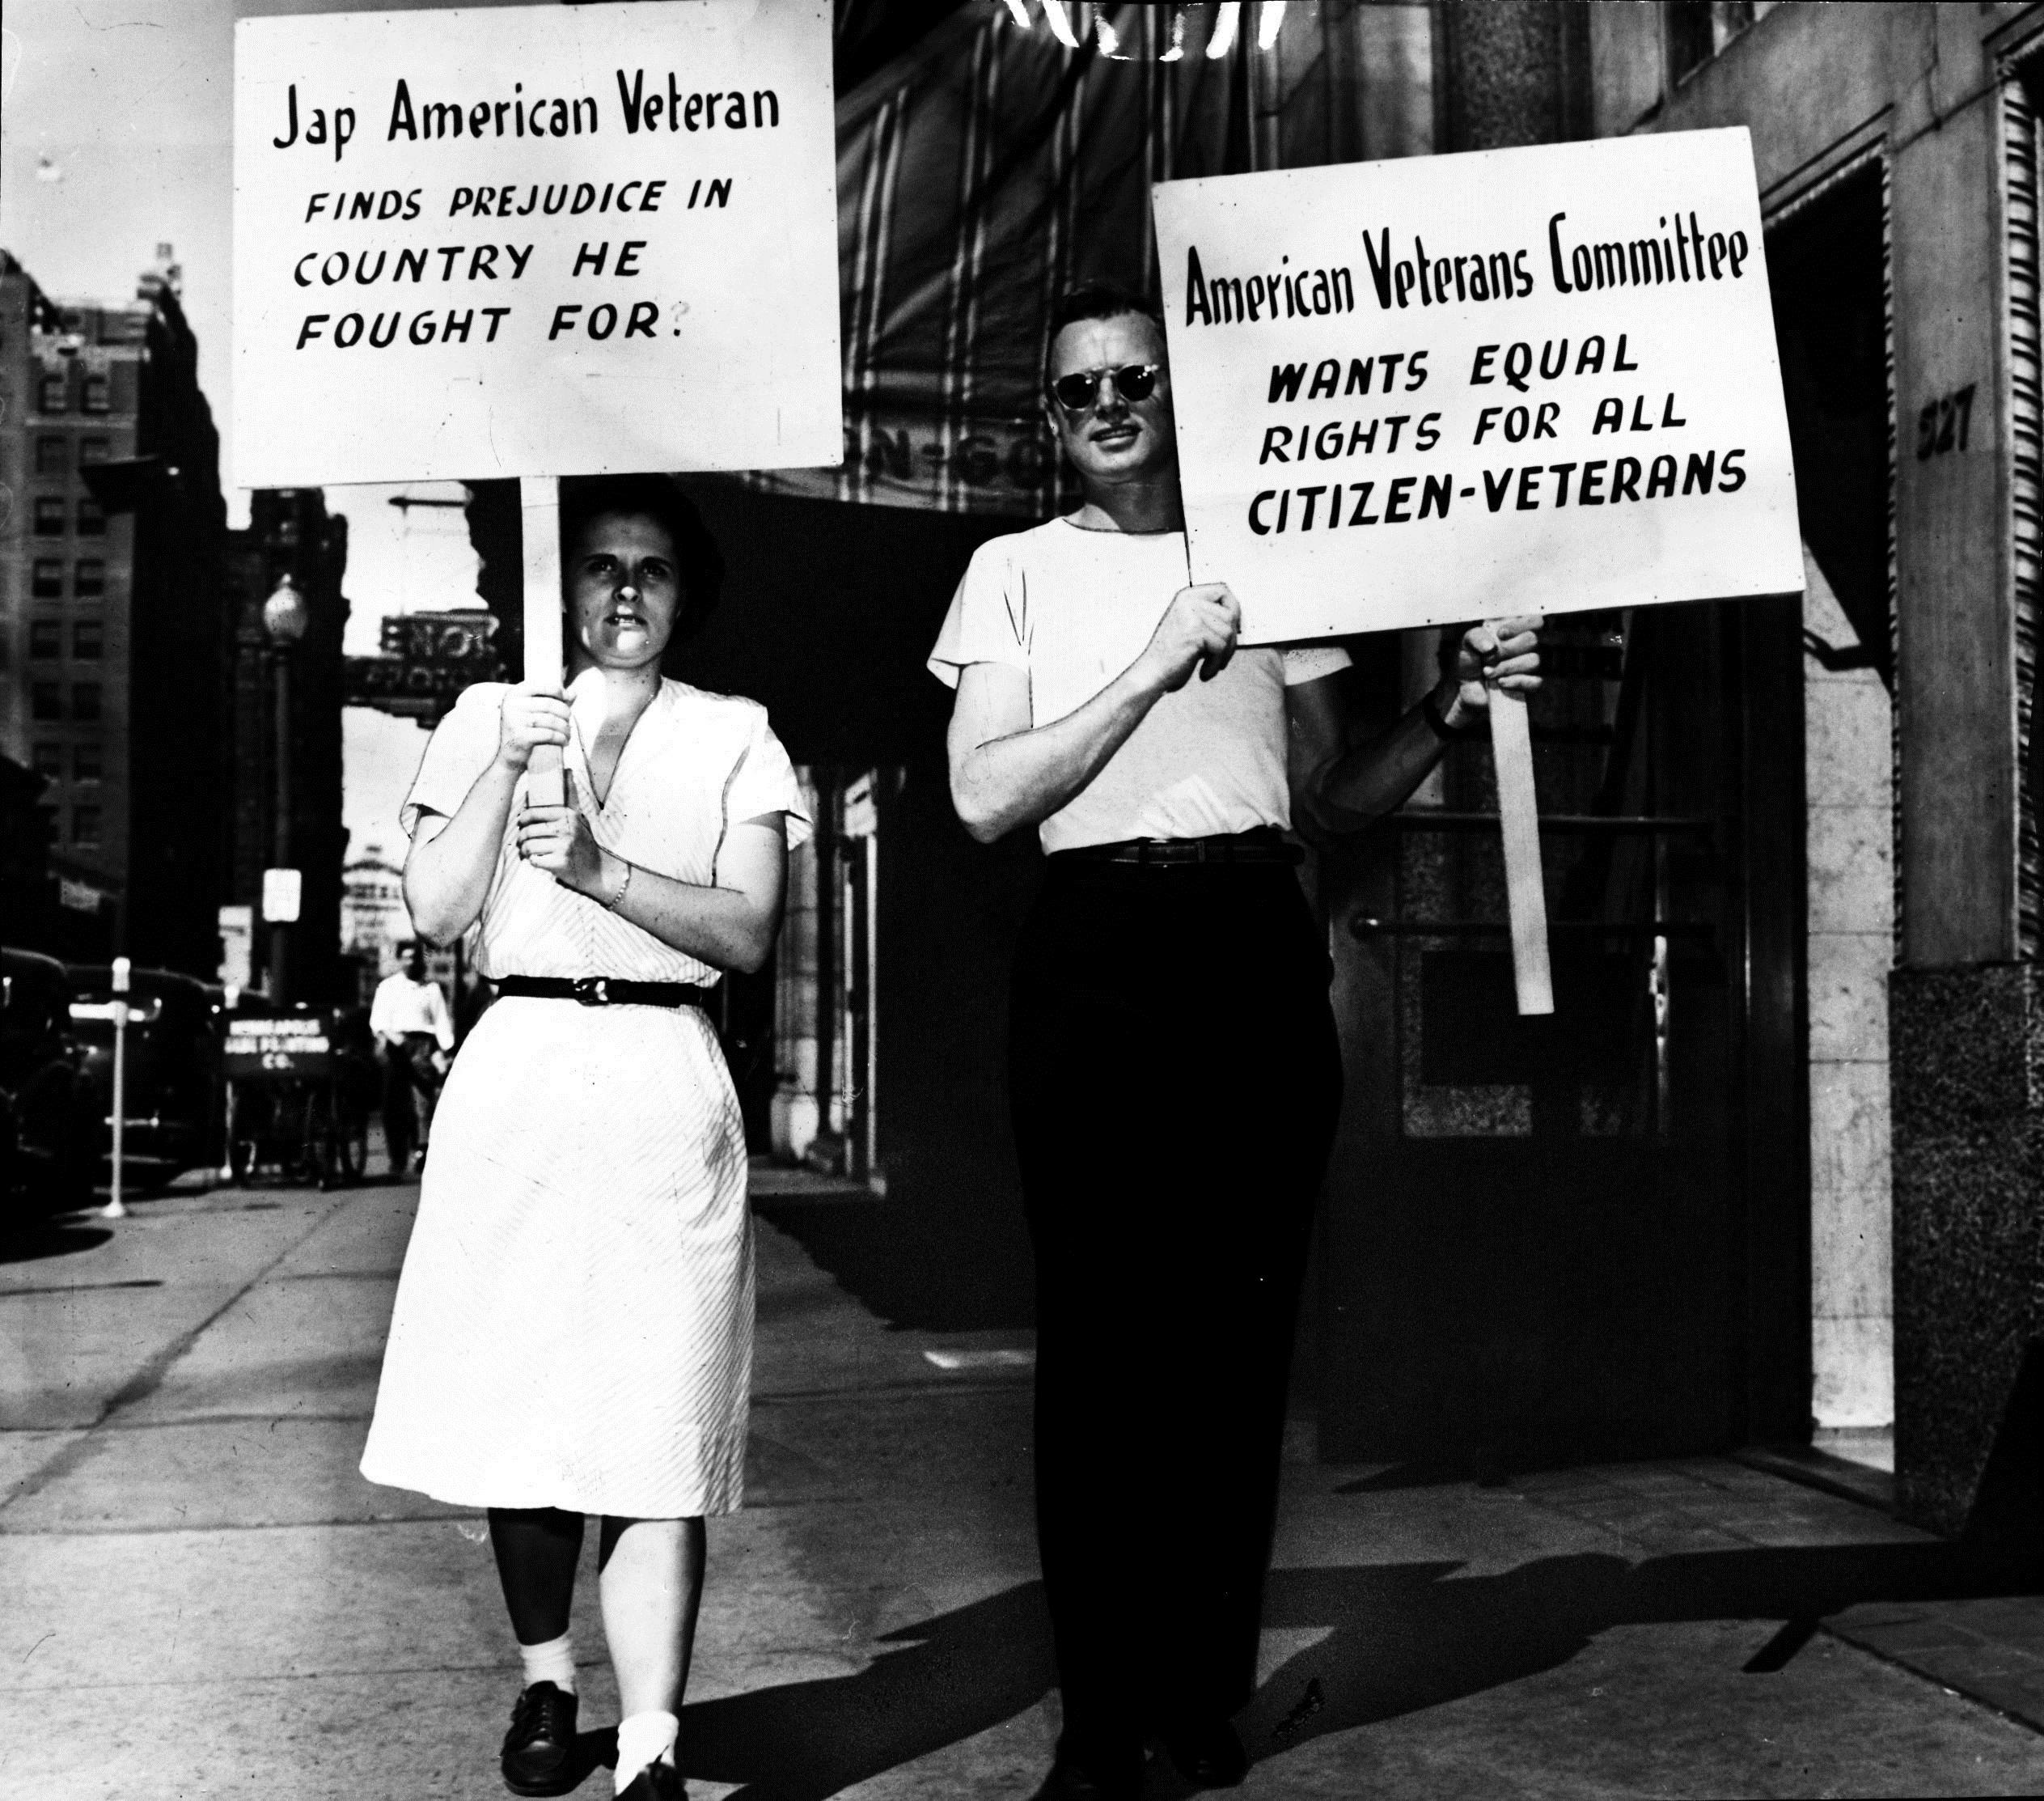 American-veterans-commitee-protest-for-Jon-Matsuo.jpg